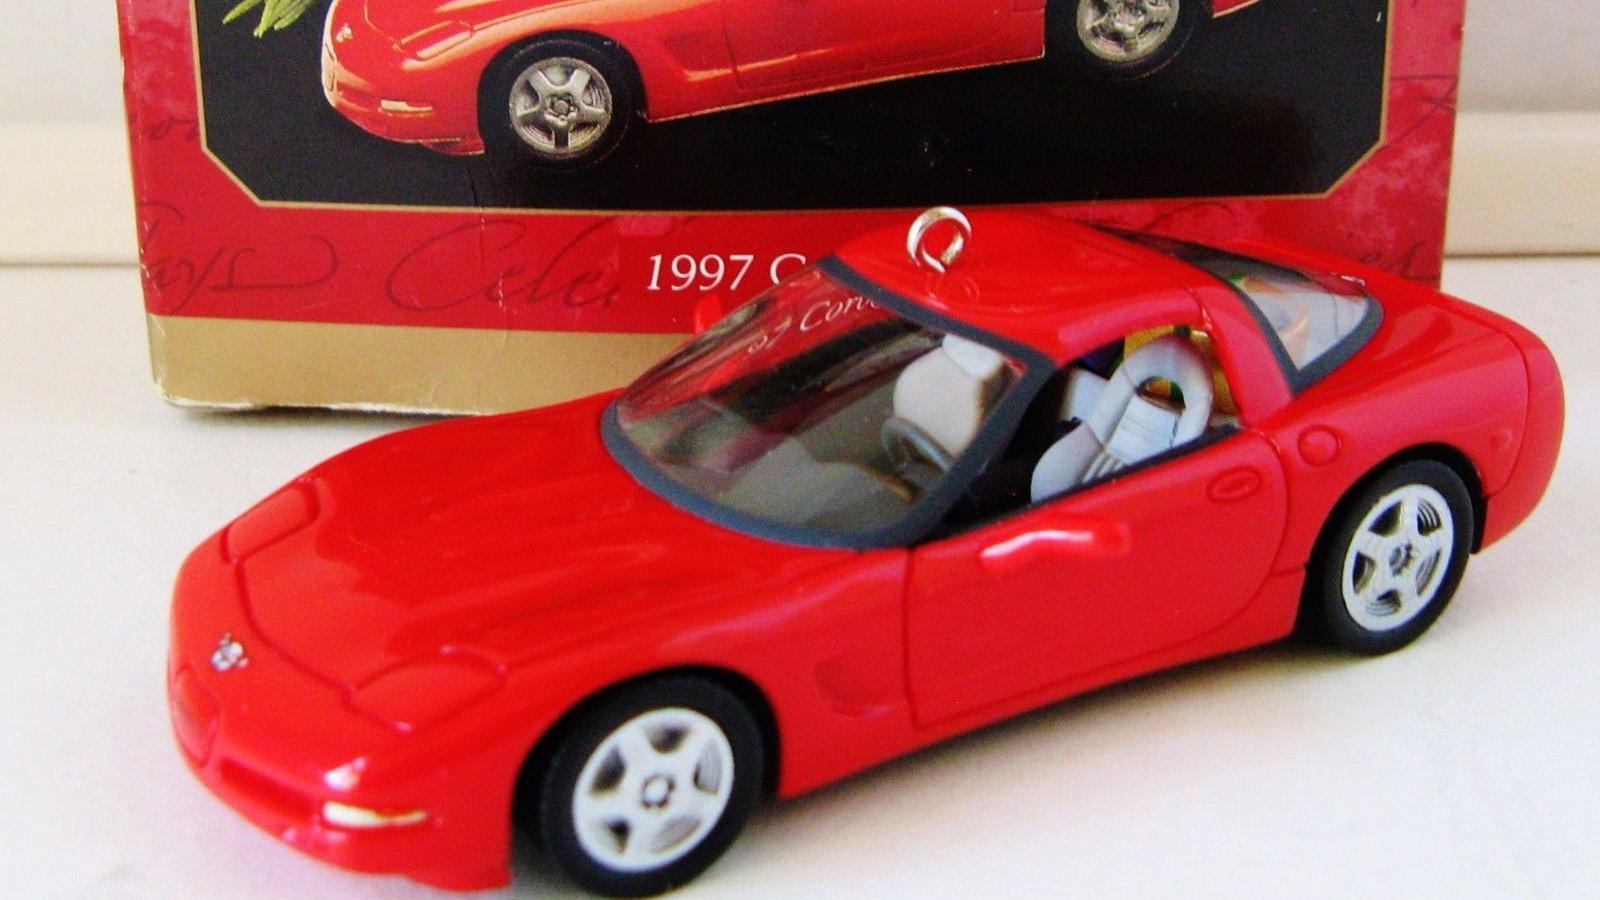 1997 Little Red Corvette